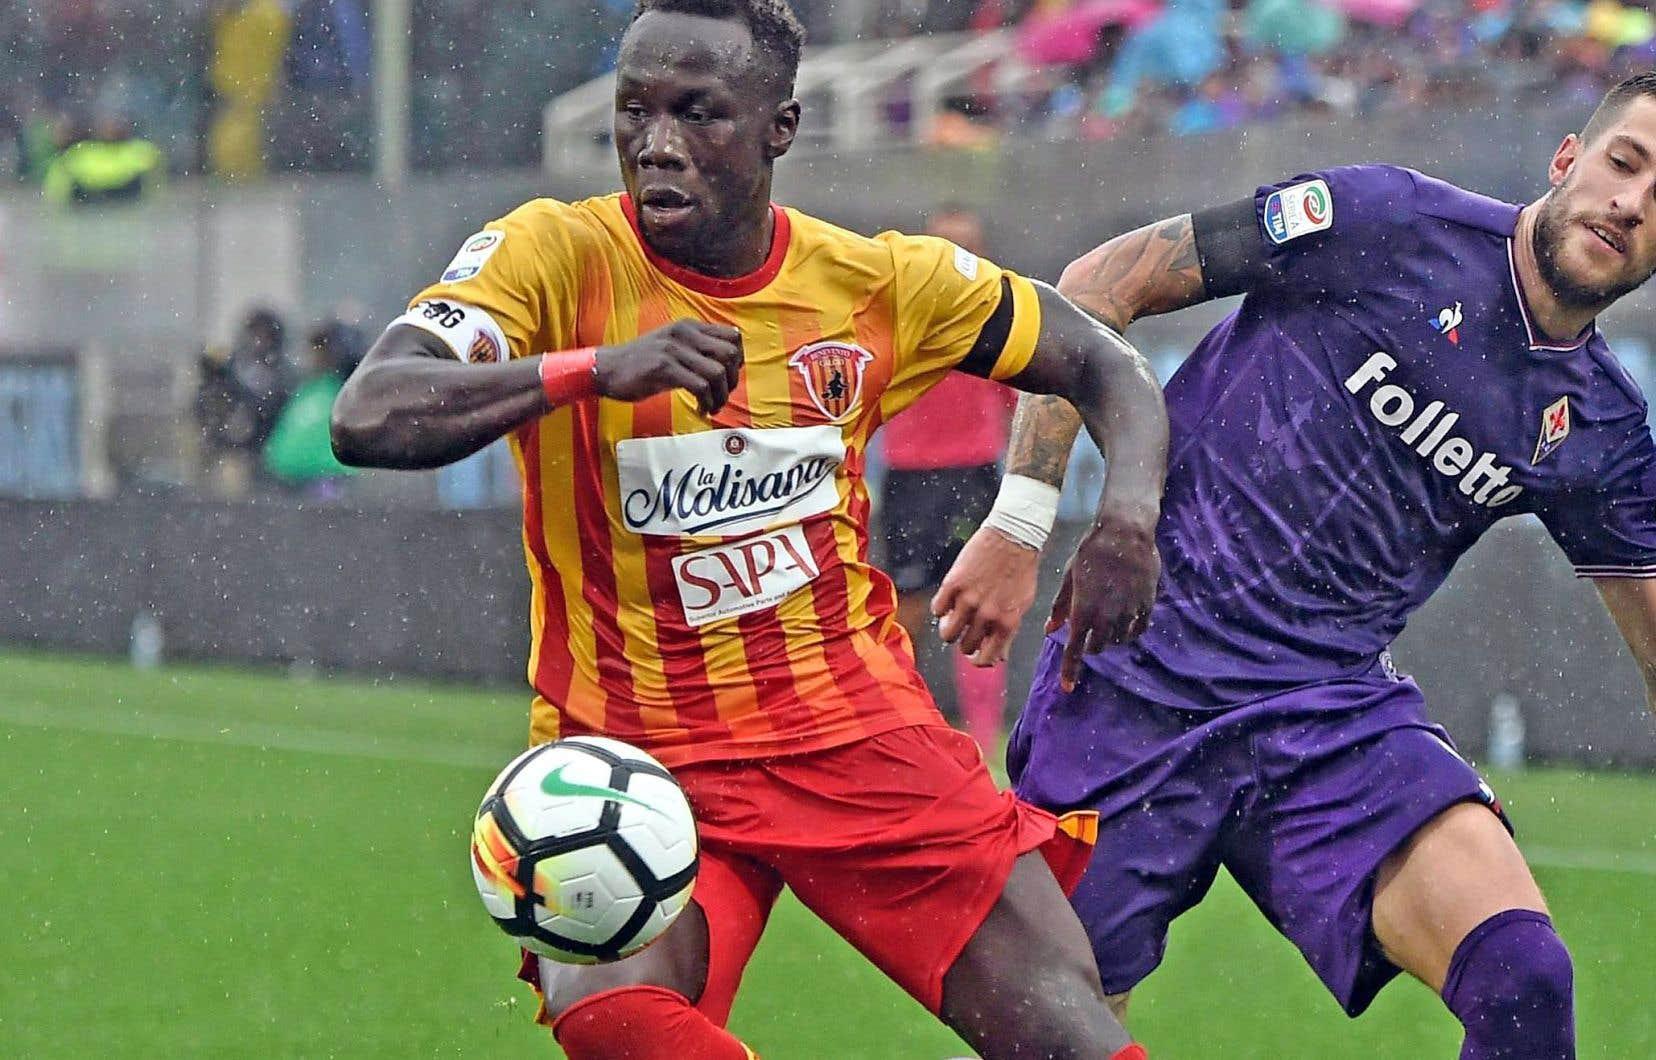 Bacary Sagna, à gauche, a disputé 13 matchs avec le Benevento Calcio en série A italienne la saison dernière. Il est possible qu'il participe à une première rencontre en MLSdès samedi, quand l'Impact accueillera le Fire de Chicago.